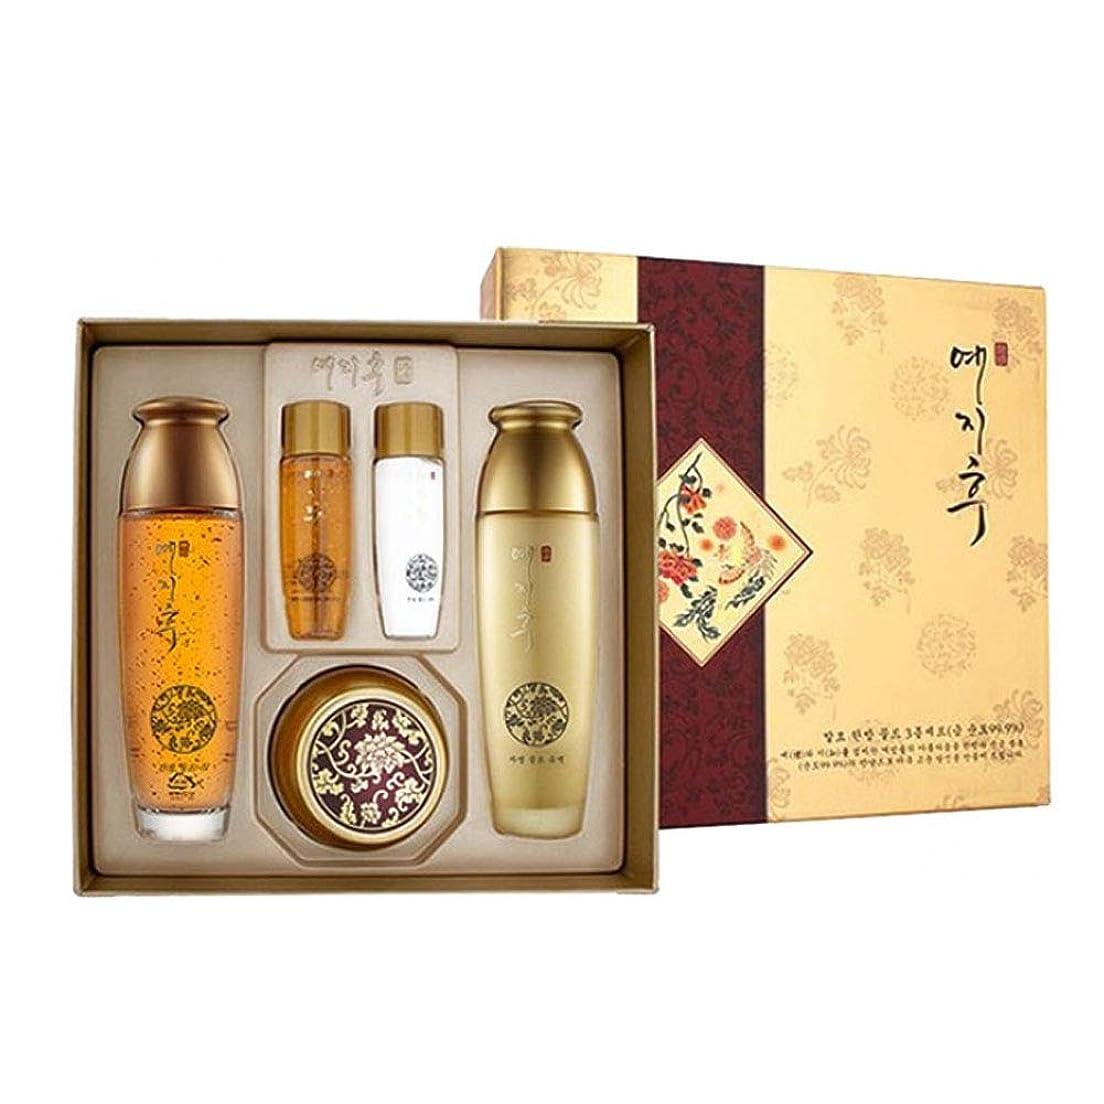 スワップ大臣七時半イェジフ漢方ゴールド3種セットゴールド水180ml(150+30) ゴールド乳液180ml(150+30) ゴールド栄養クリーム50ml、Yezihu 3 Sets of Herbal Gold Cosmetics [並行輸入品]